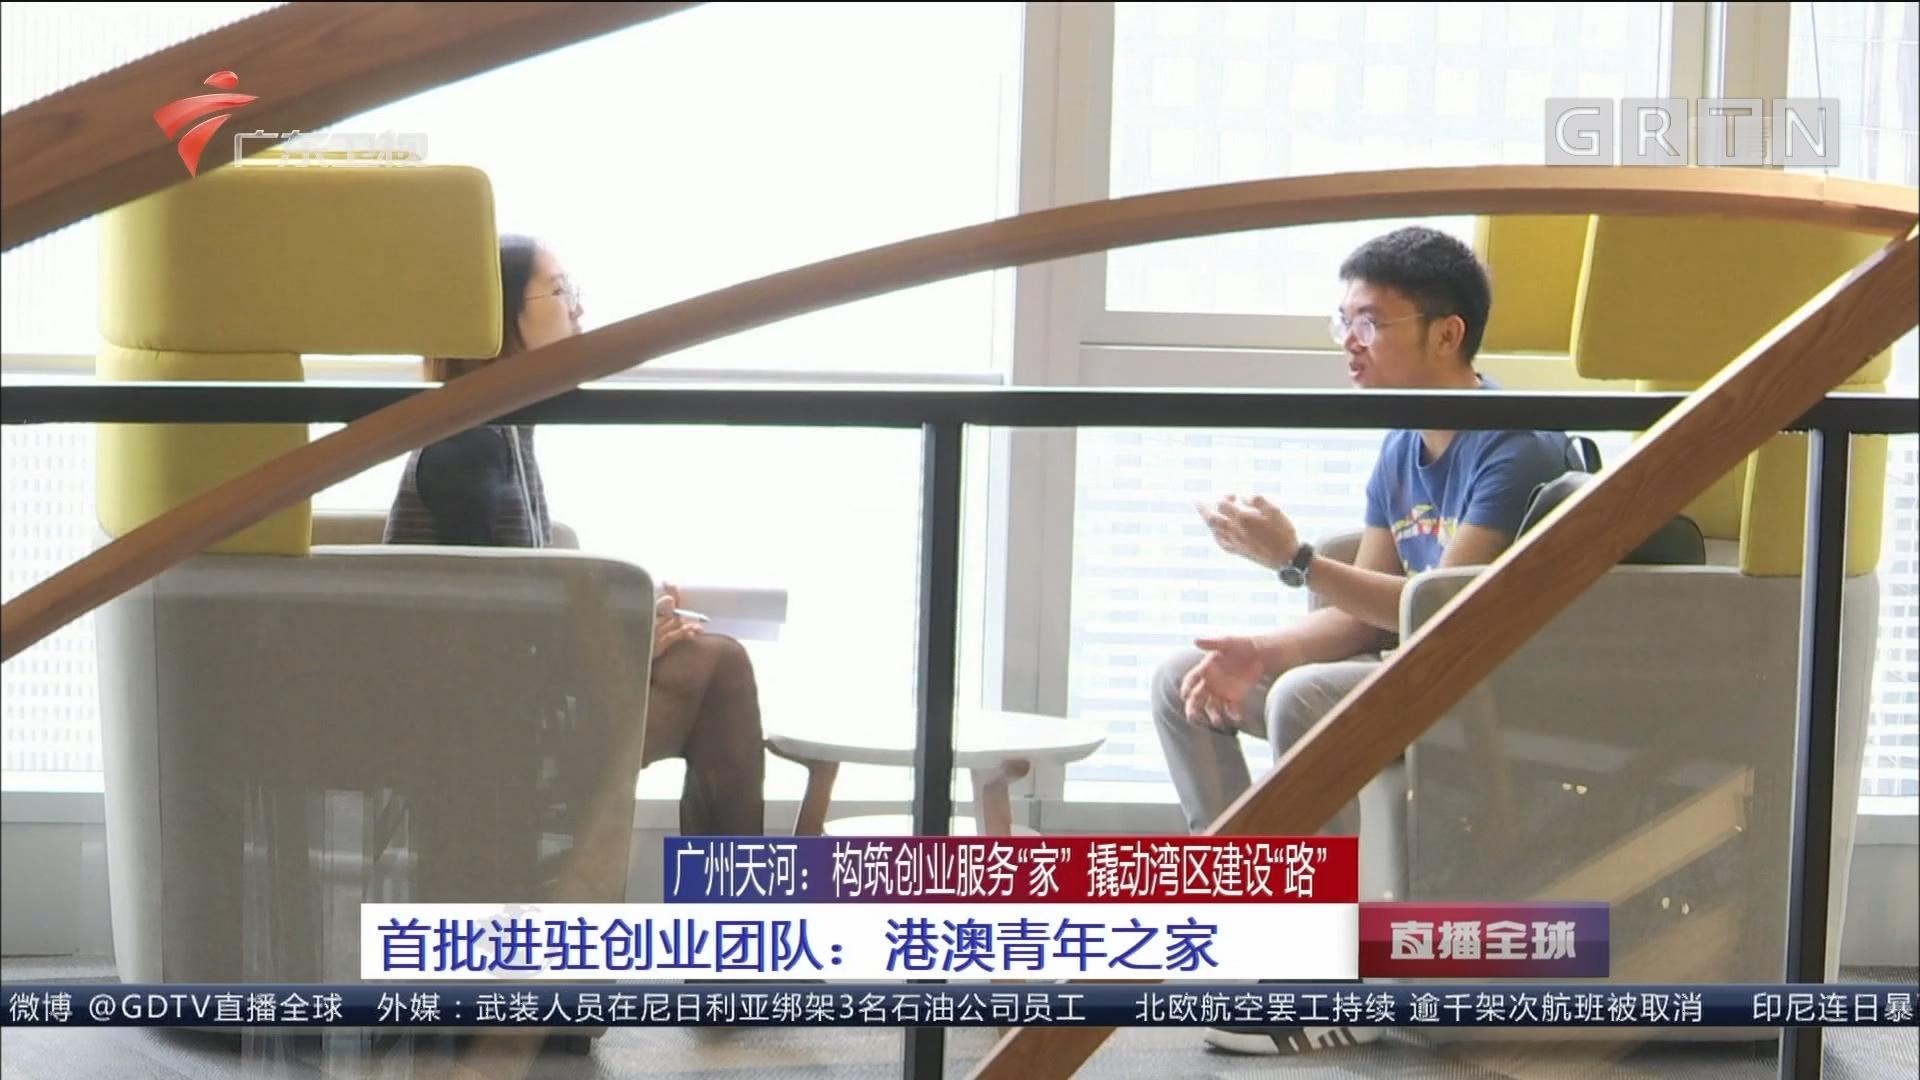 """广州天河:构筑创业服务""""家"""" 撬动湾区建设""""路"""" 首批进驻创业团队:港澳青年之家"""